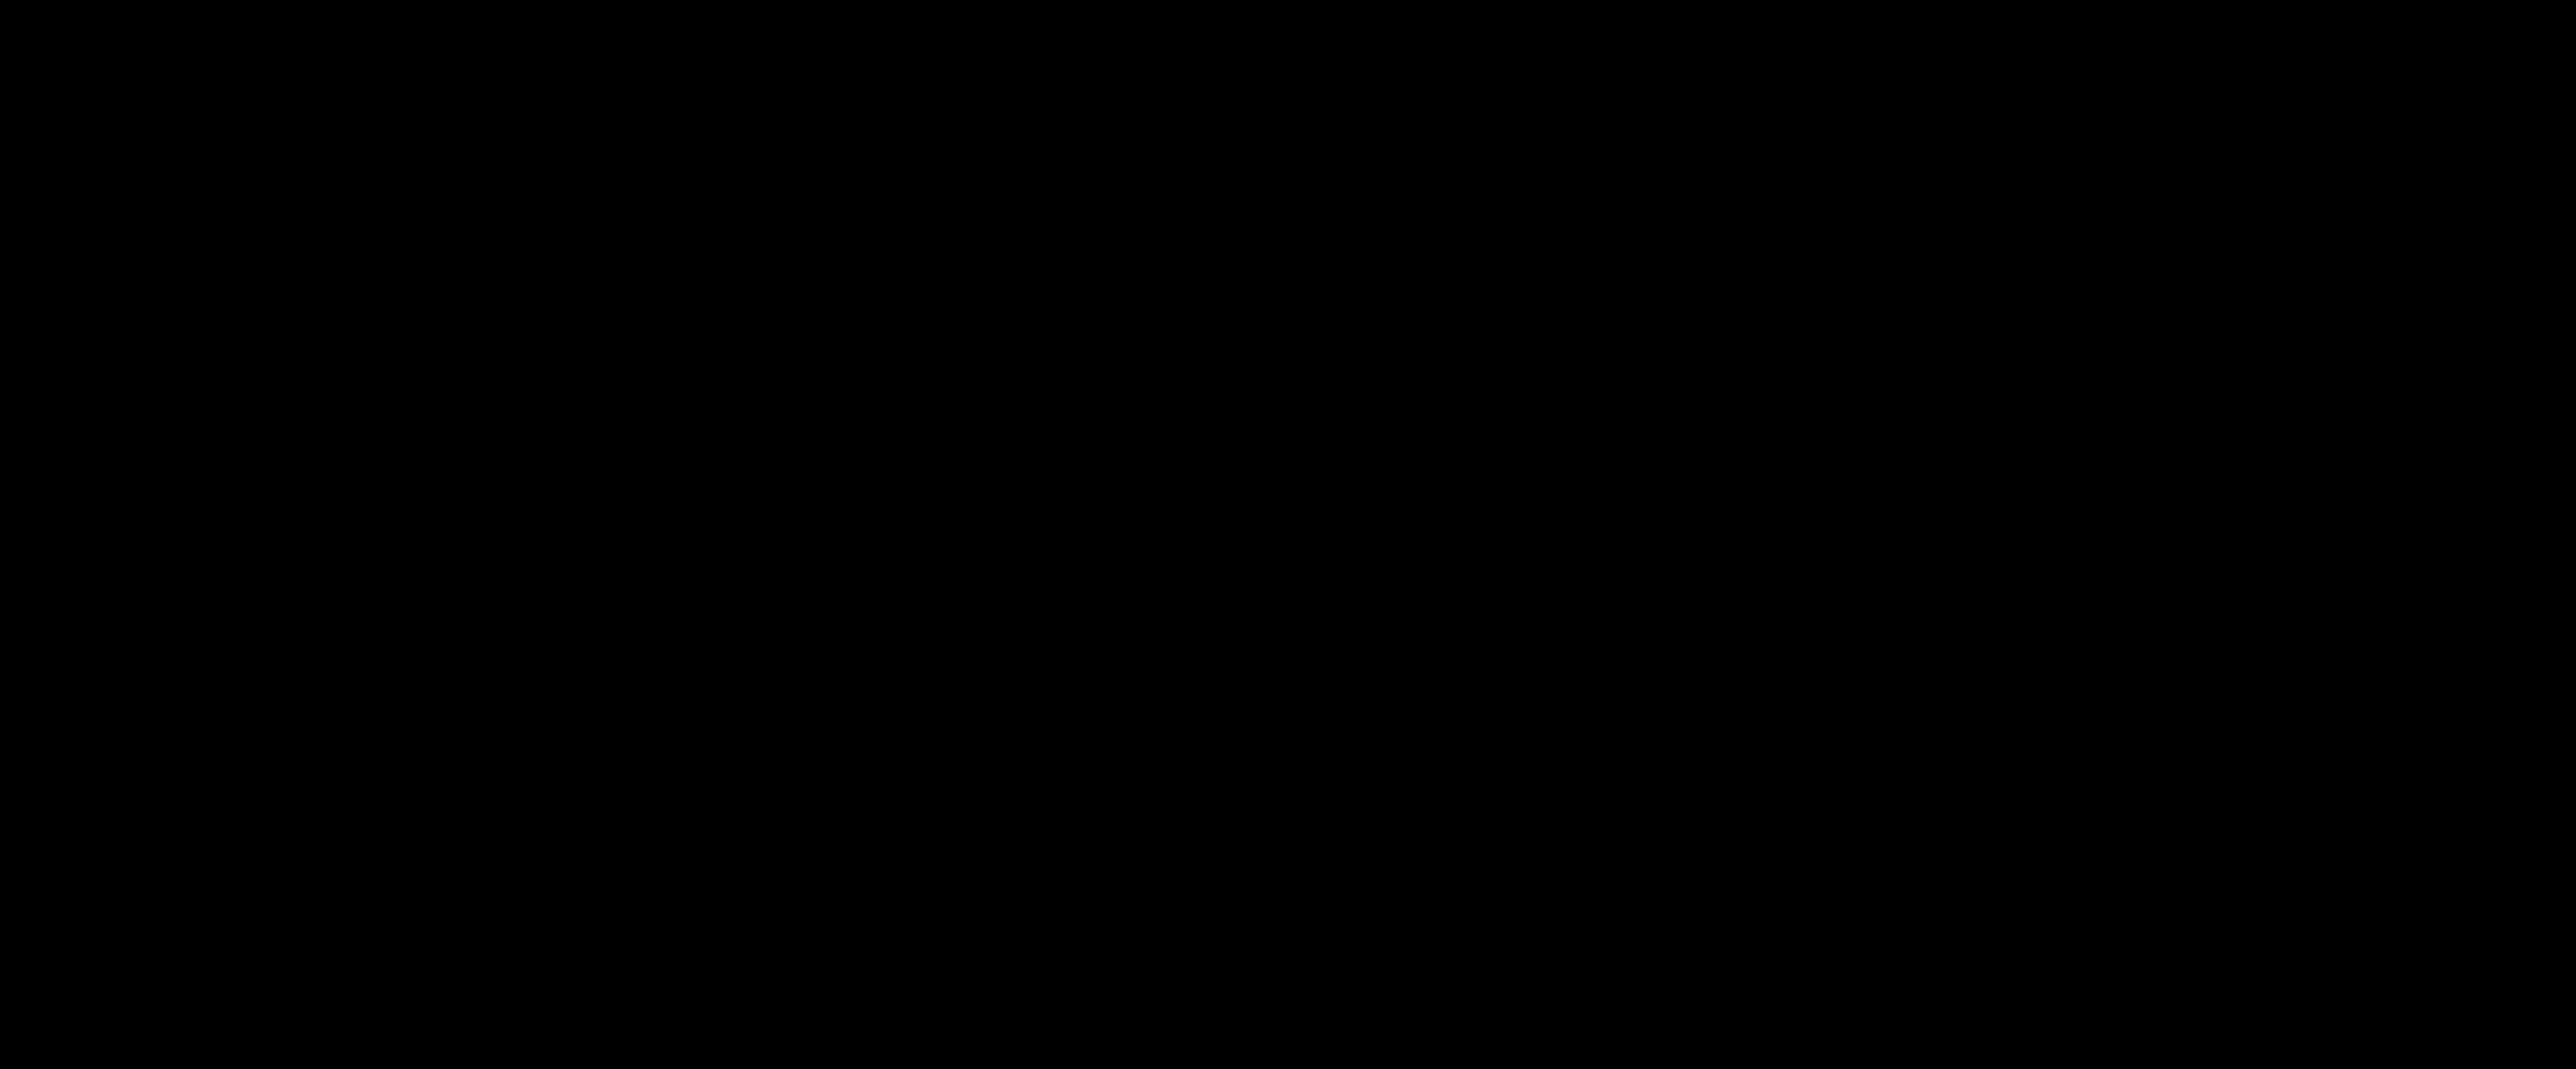 logo-rft-team-flensburg-leck_full_2015